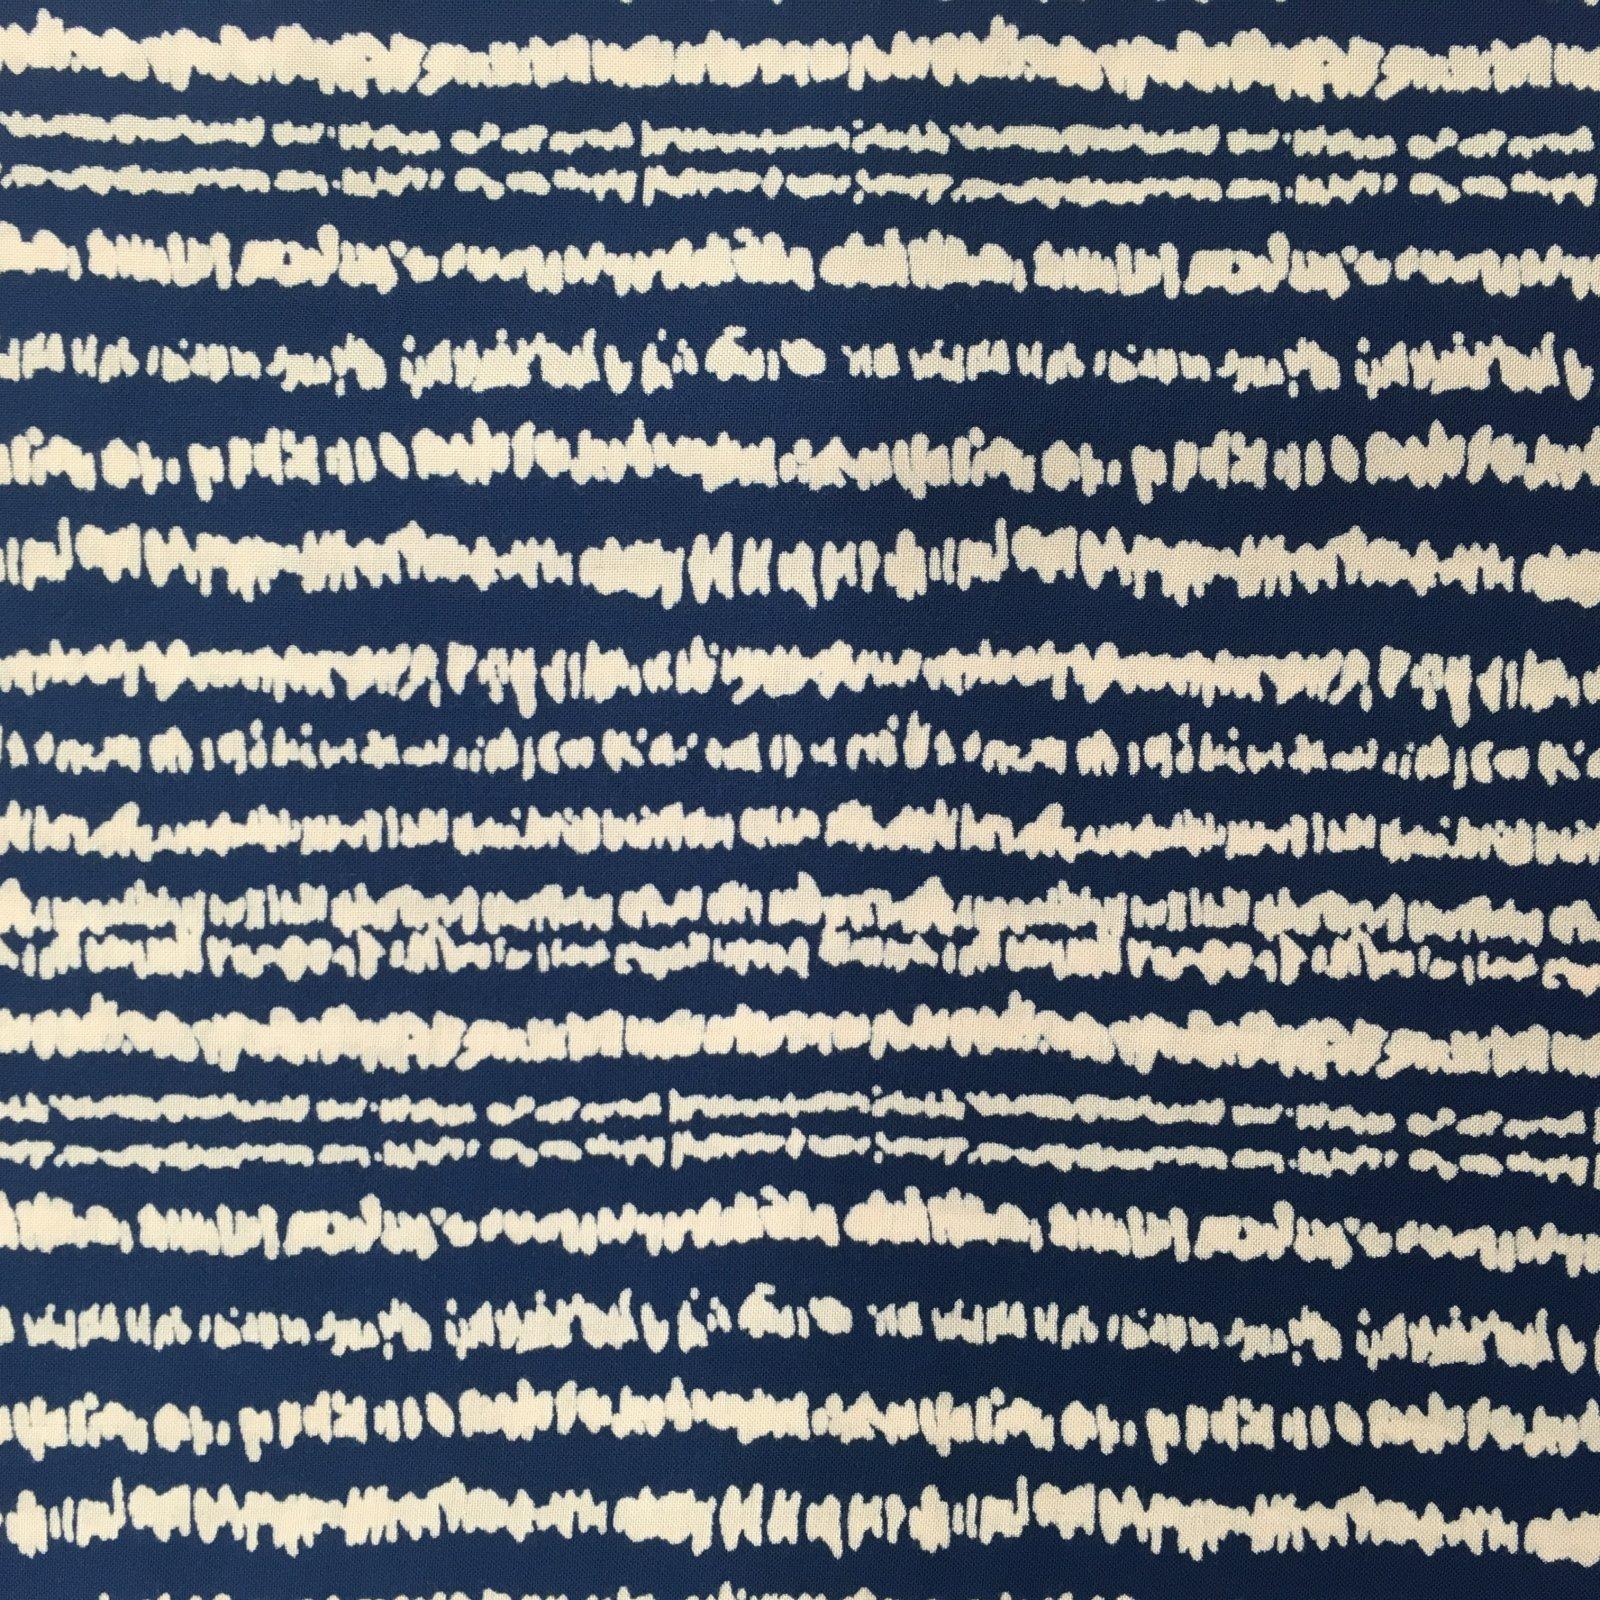 Rayon Challis - Scribble Stripe